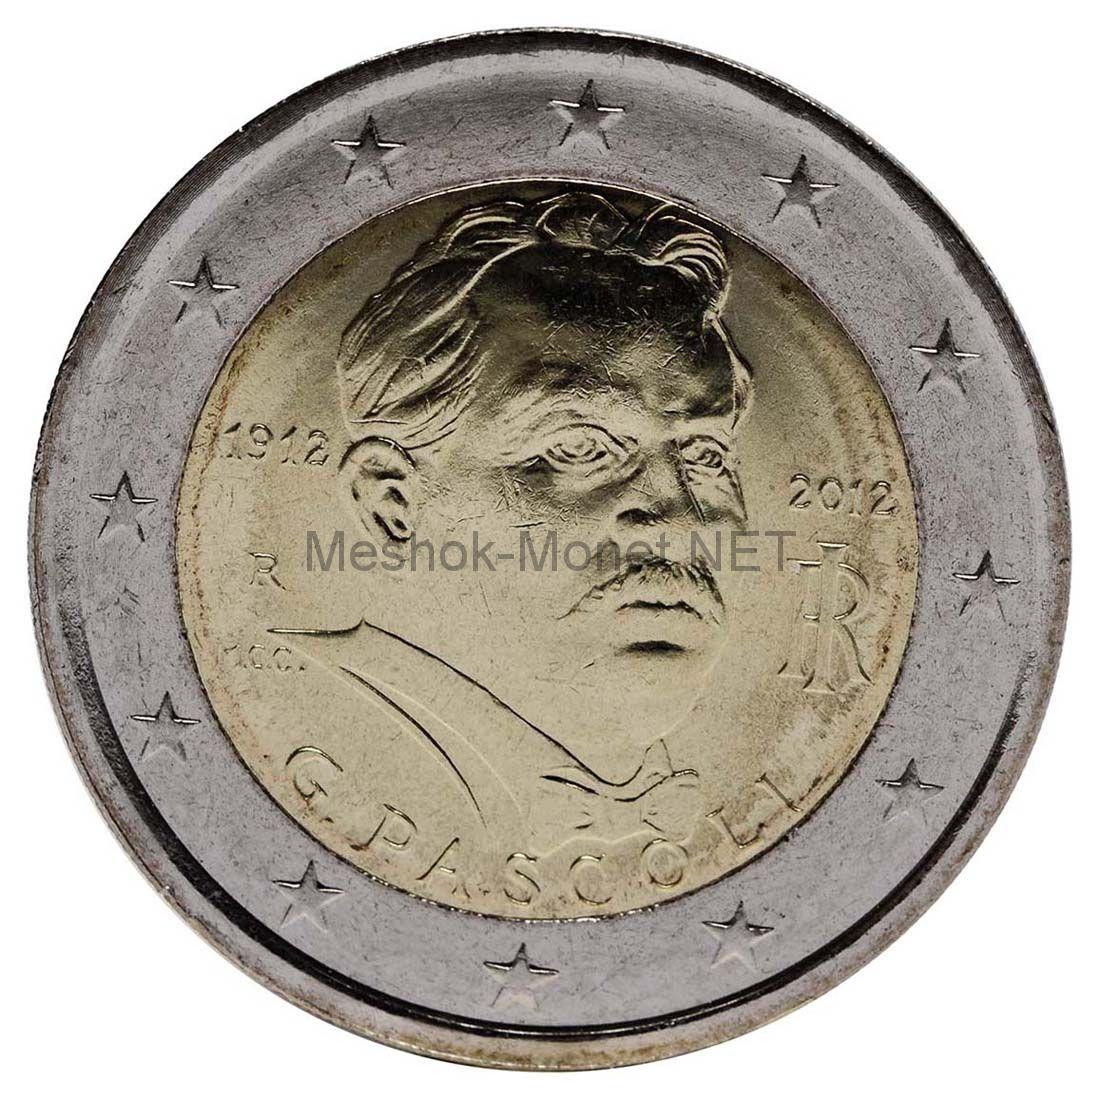 Италия 2 евро 2012, 100 лет со смерти поэта Джованни Пасколи